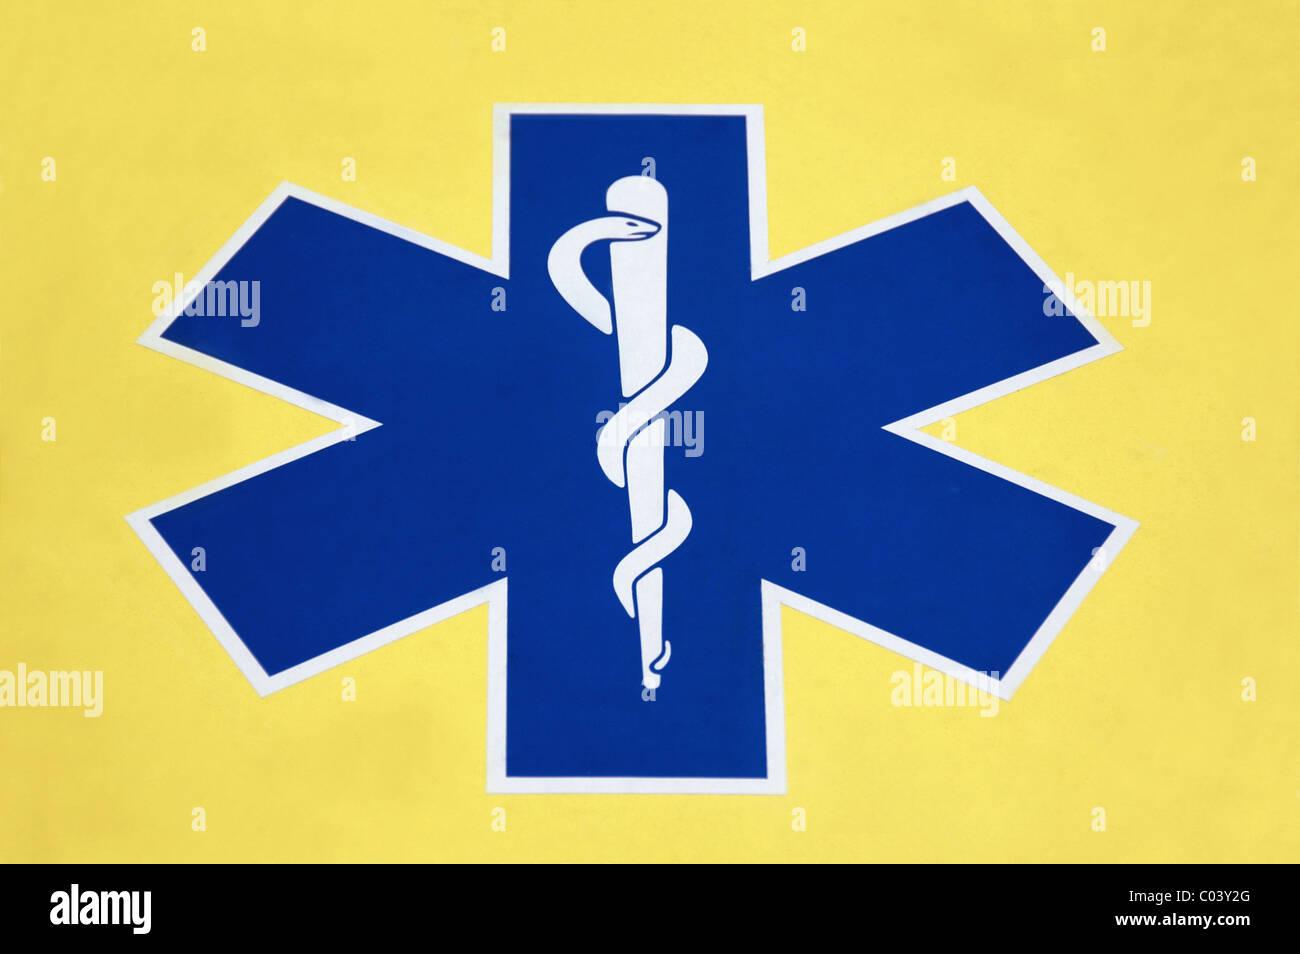 Ambulance logo stock photos ambulance logo stock images alamy caduceus snake and staff symbol on front of ambulance london uk stock biocorpaavc Images